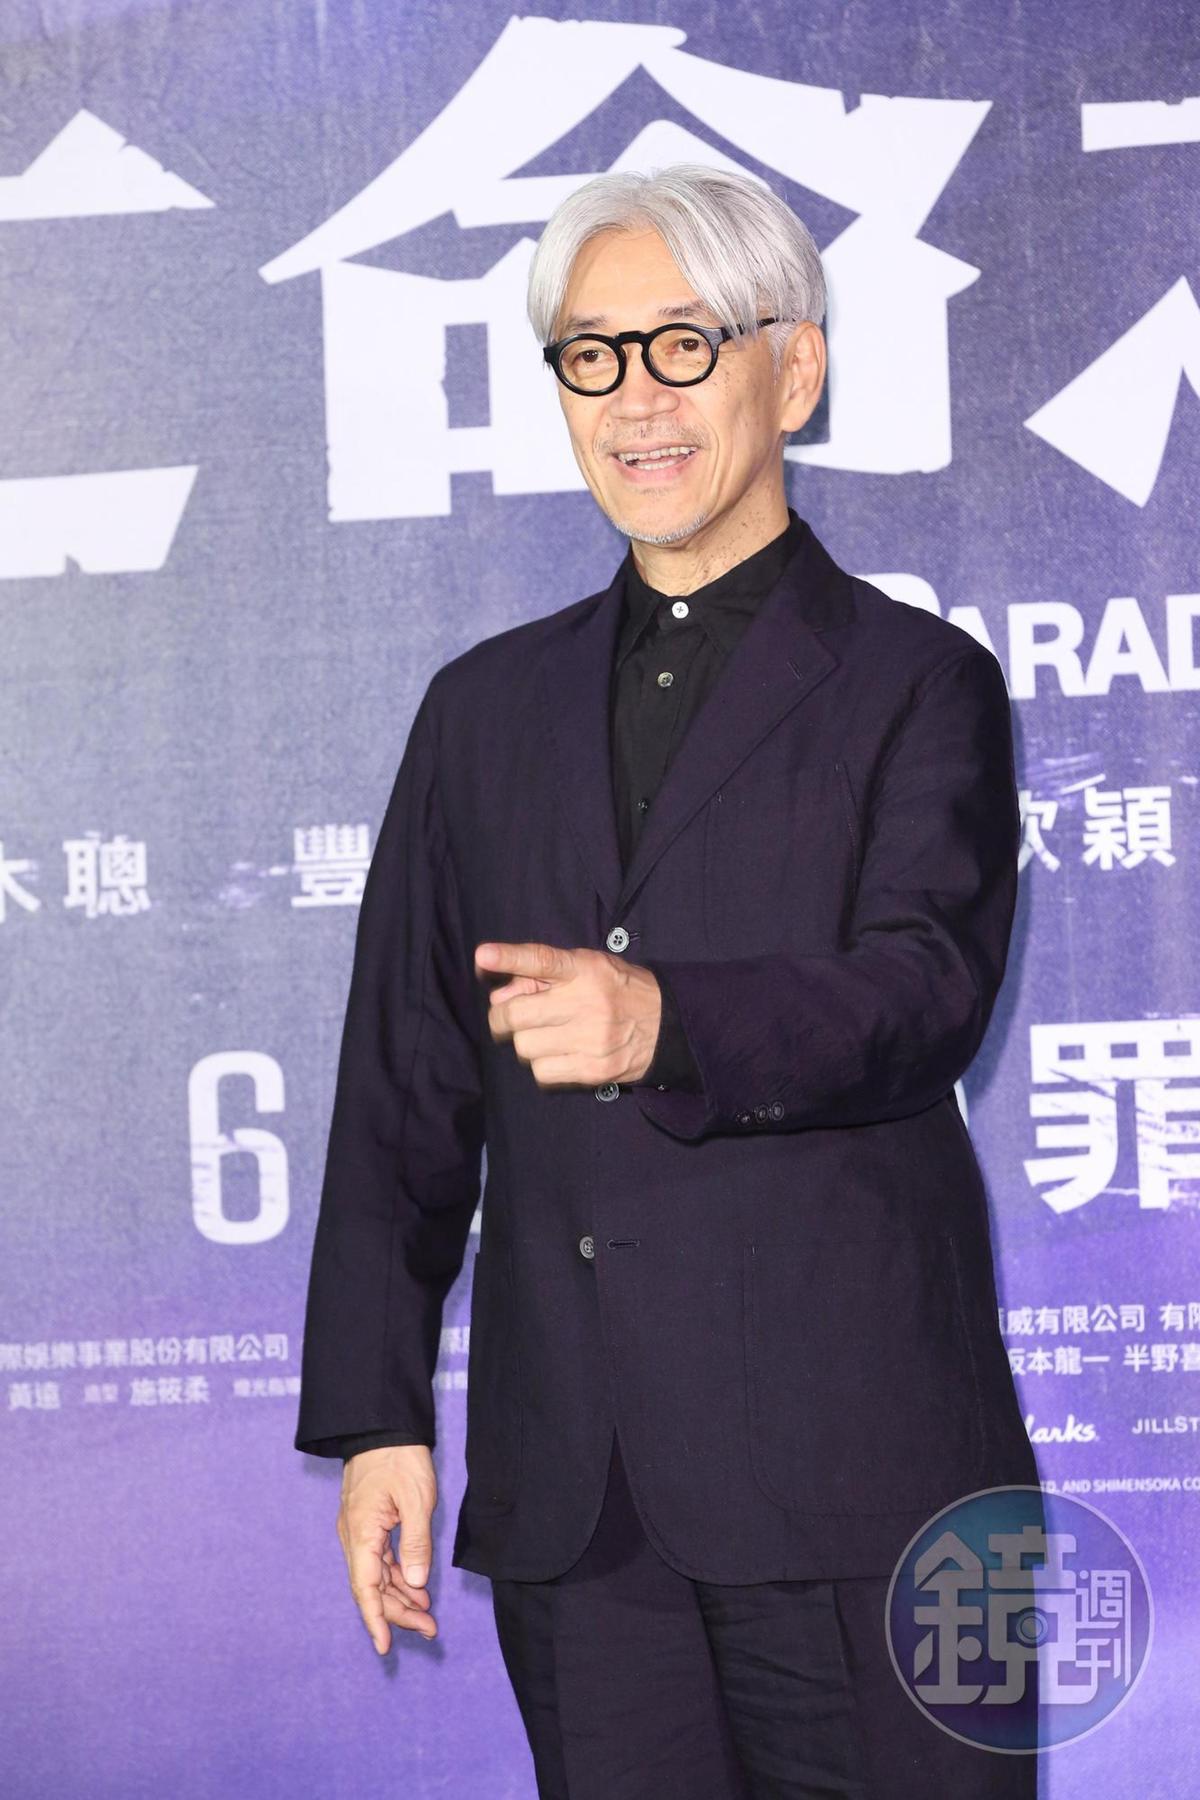 坂本龍一為《亡命之途》配樂,也出席首映助陣。